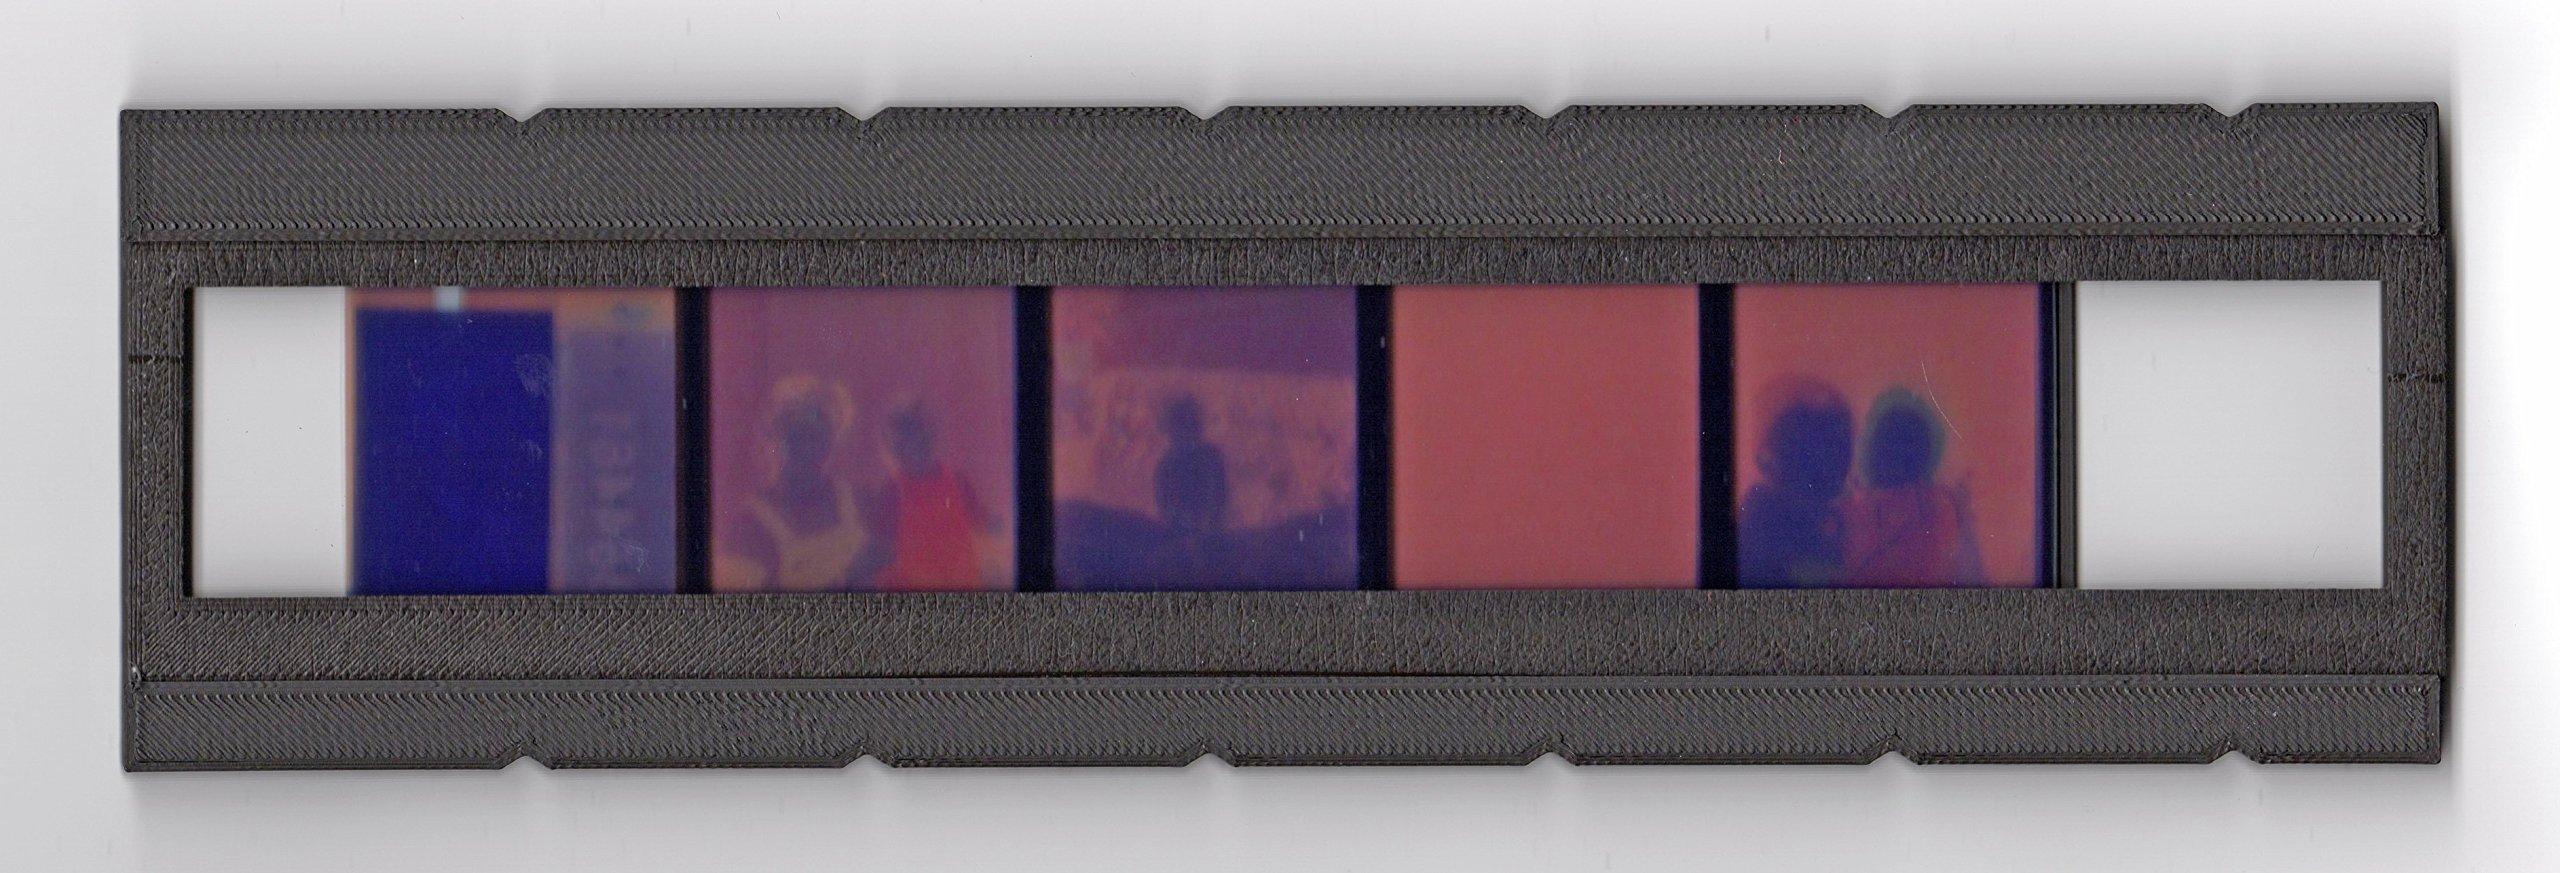 126 Film Holder for Plustek Opticfilm Scanners